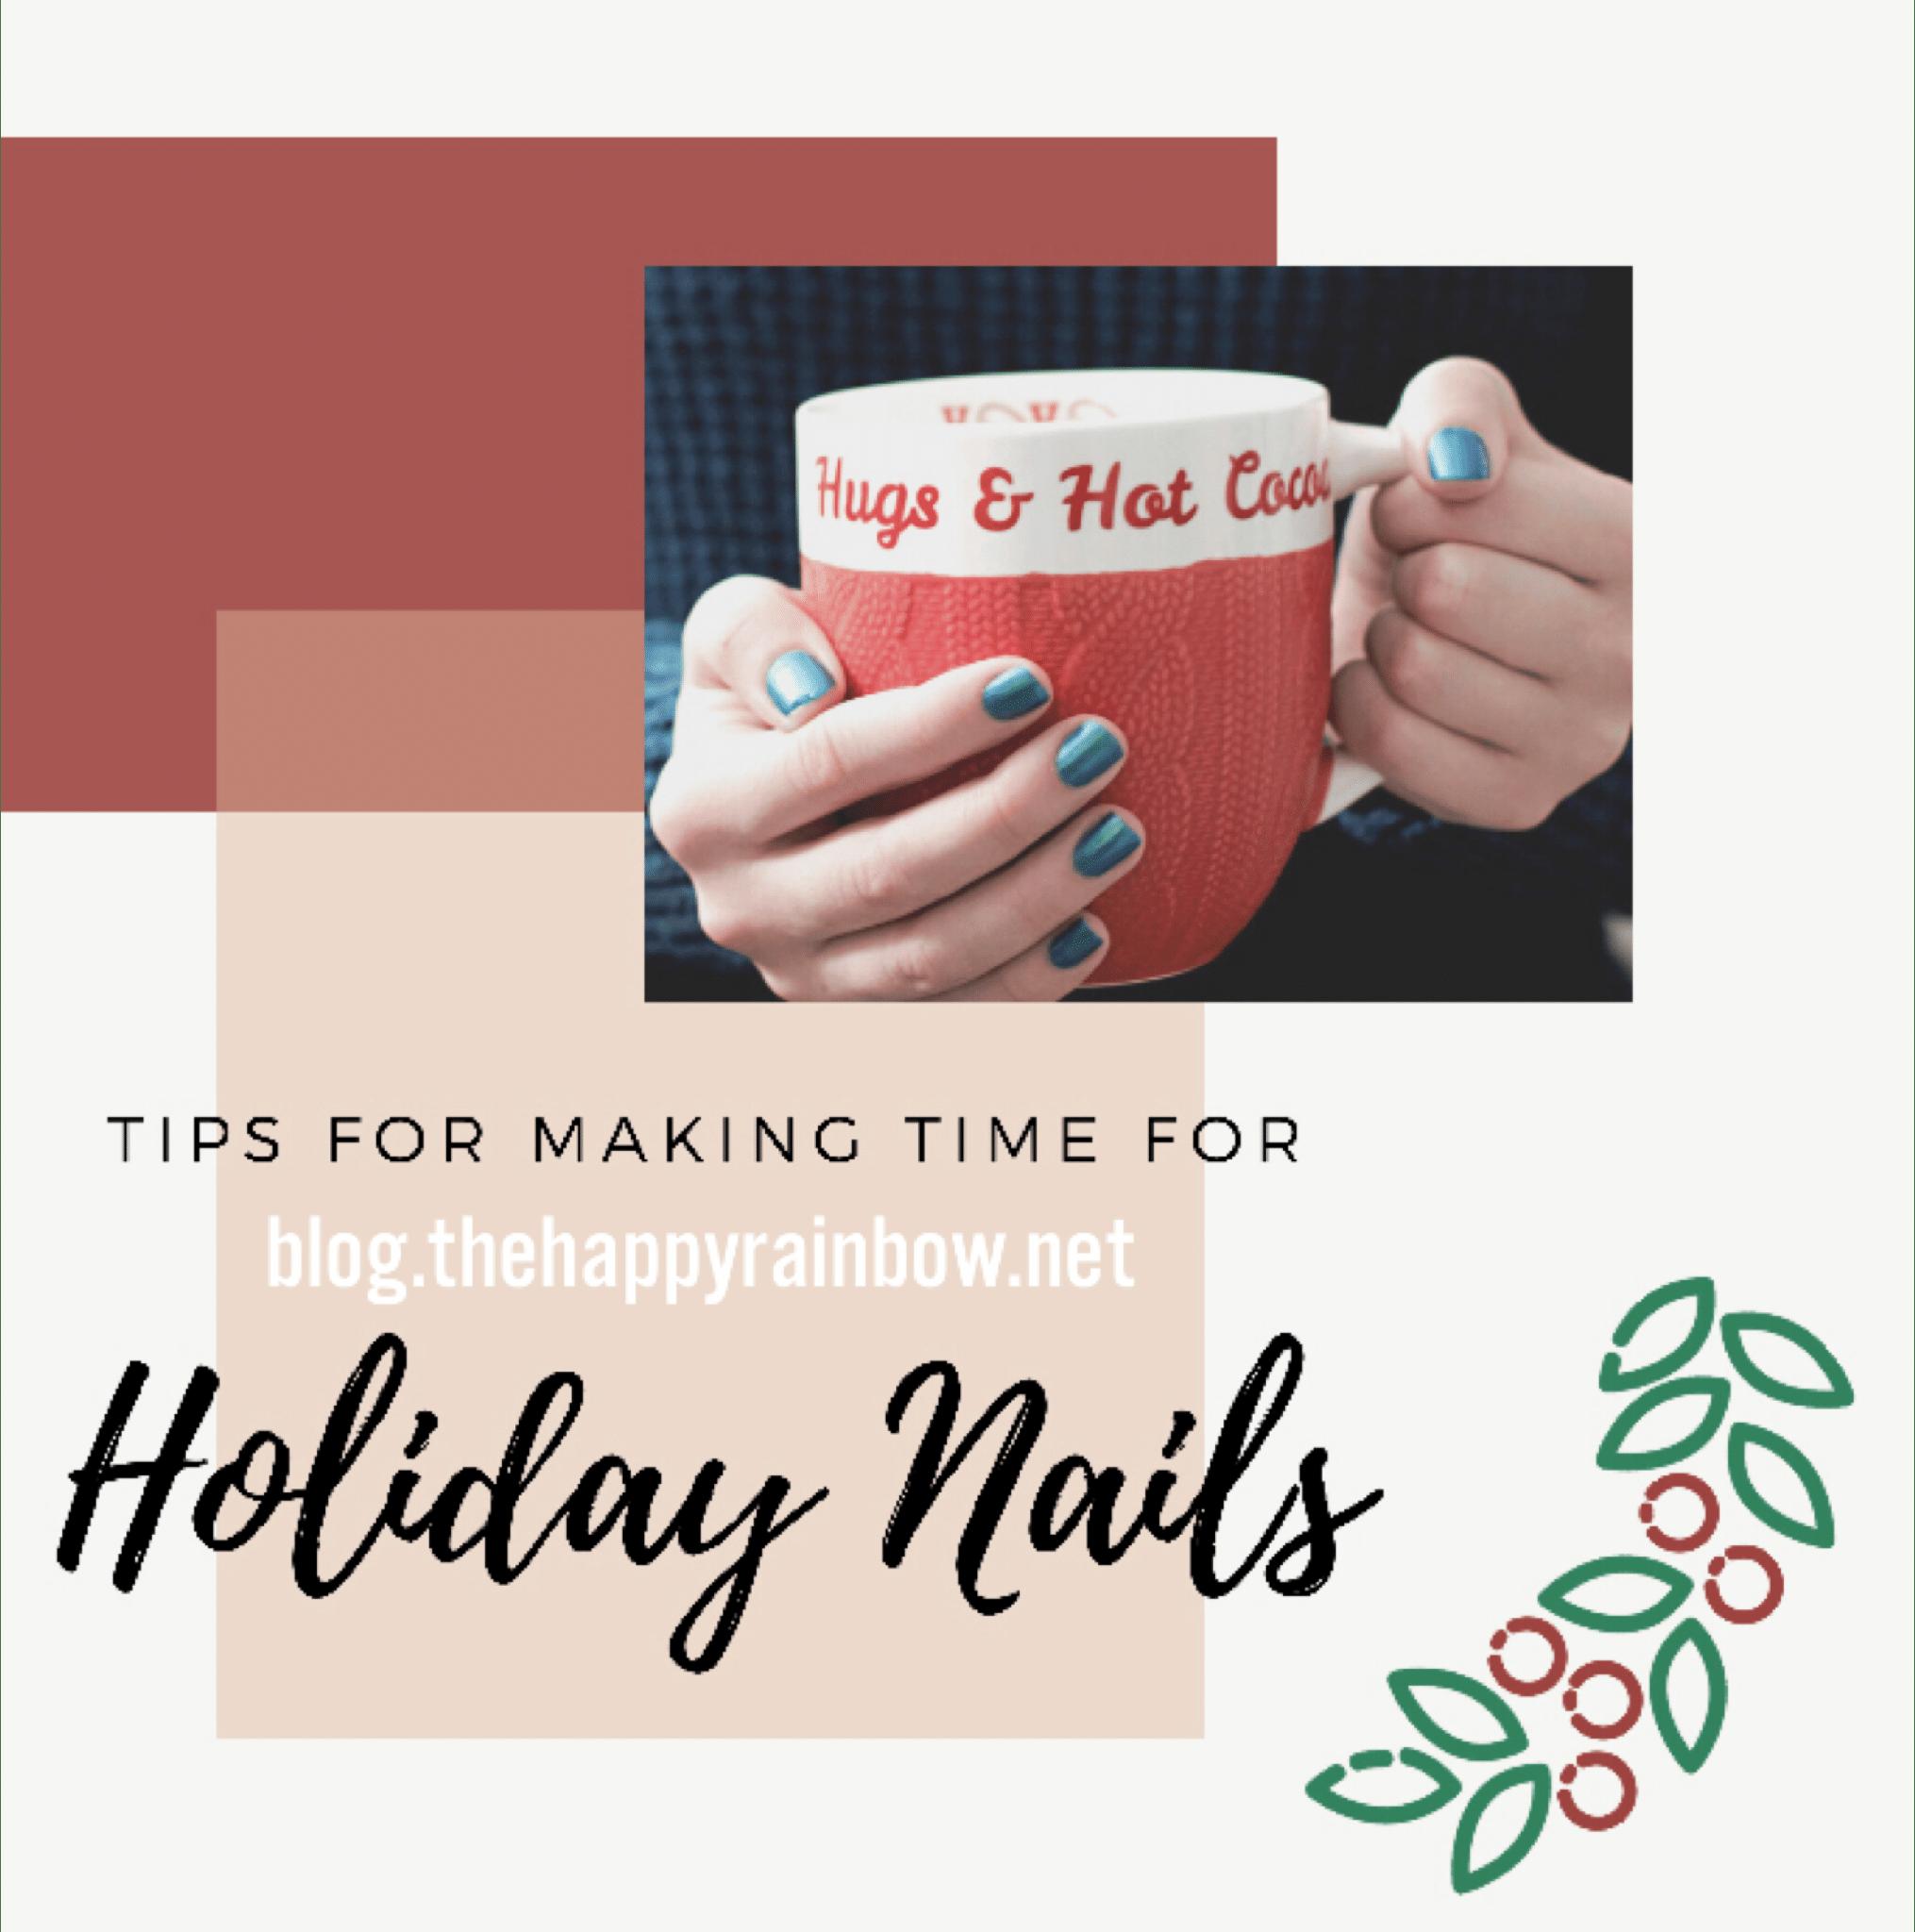 Photo of holiday nails.